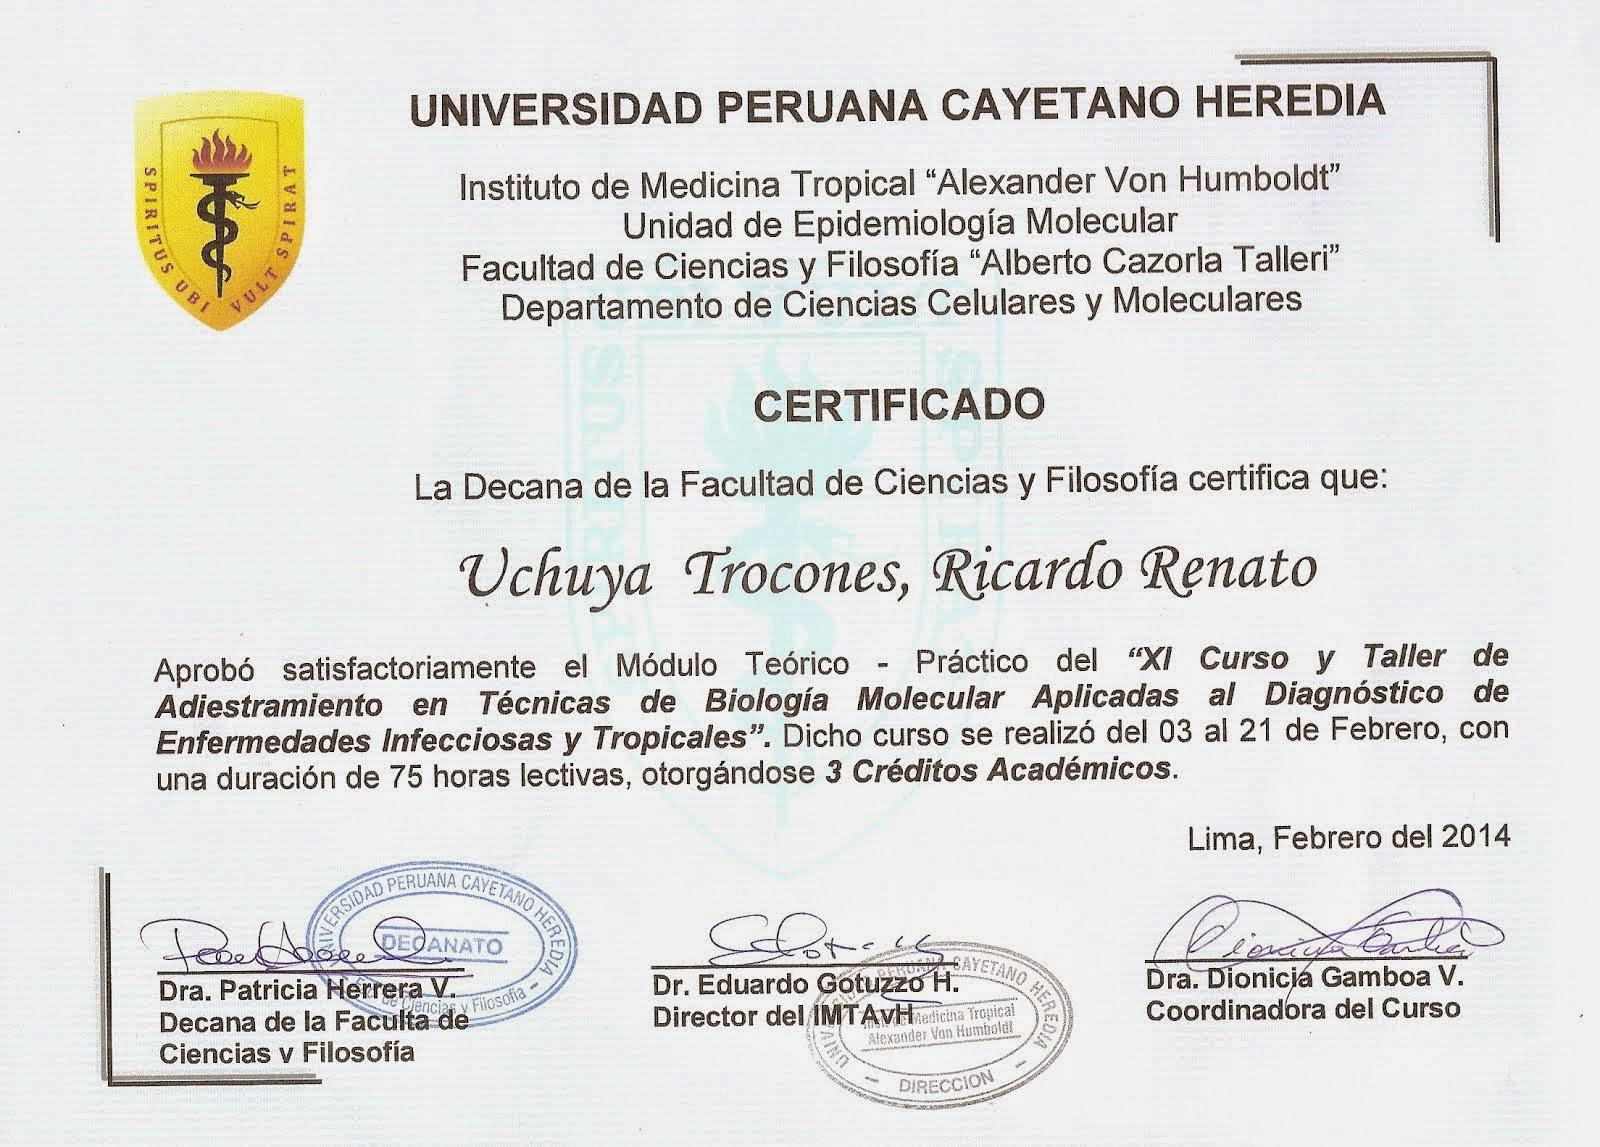 COACHING EN LA UPCH PARA LAS VIII OLIMPIADAS IBEROAMERICANAS DE BIOLOGIA OIAB MEXICO 2014.